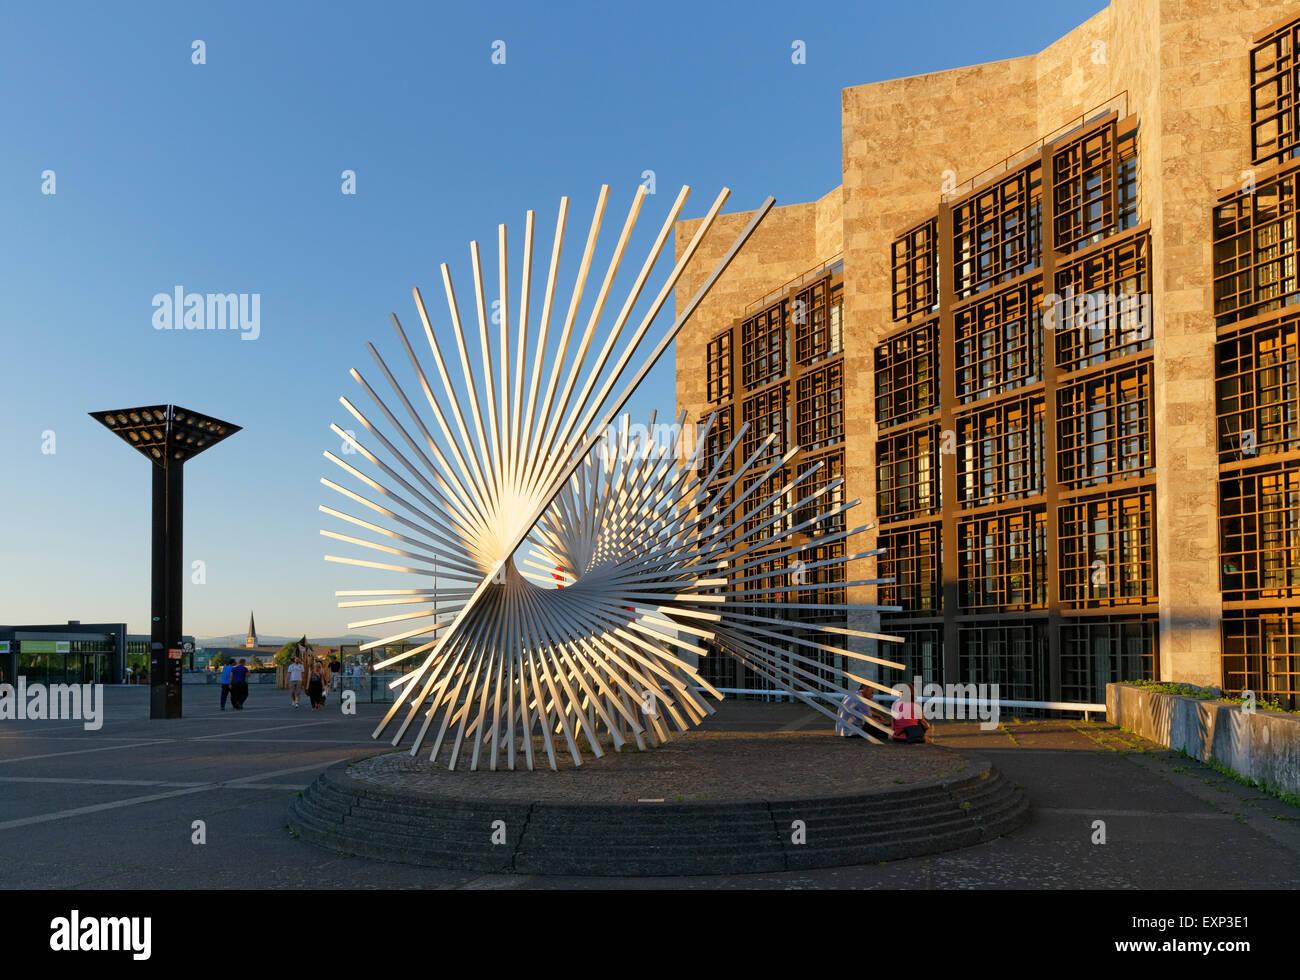 La vitalidad de escultura de Andreu Alfaro y ayuntamiento, Jockel-Fuchs-Platz, Mainz, Renania-Palatinado, Alemania Imagen De Stock